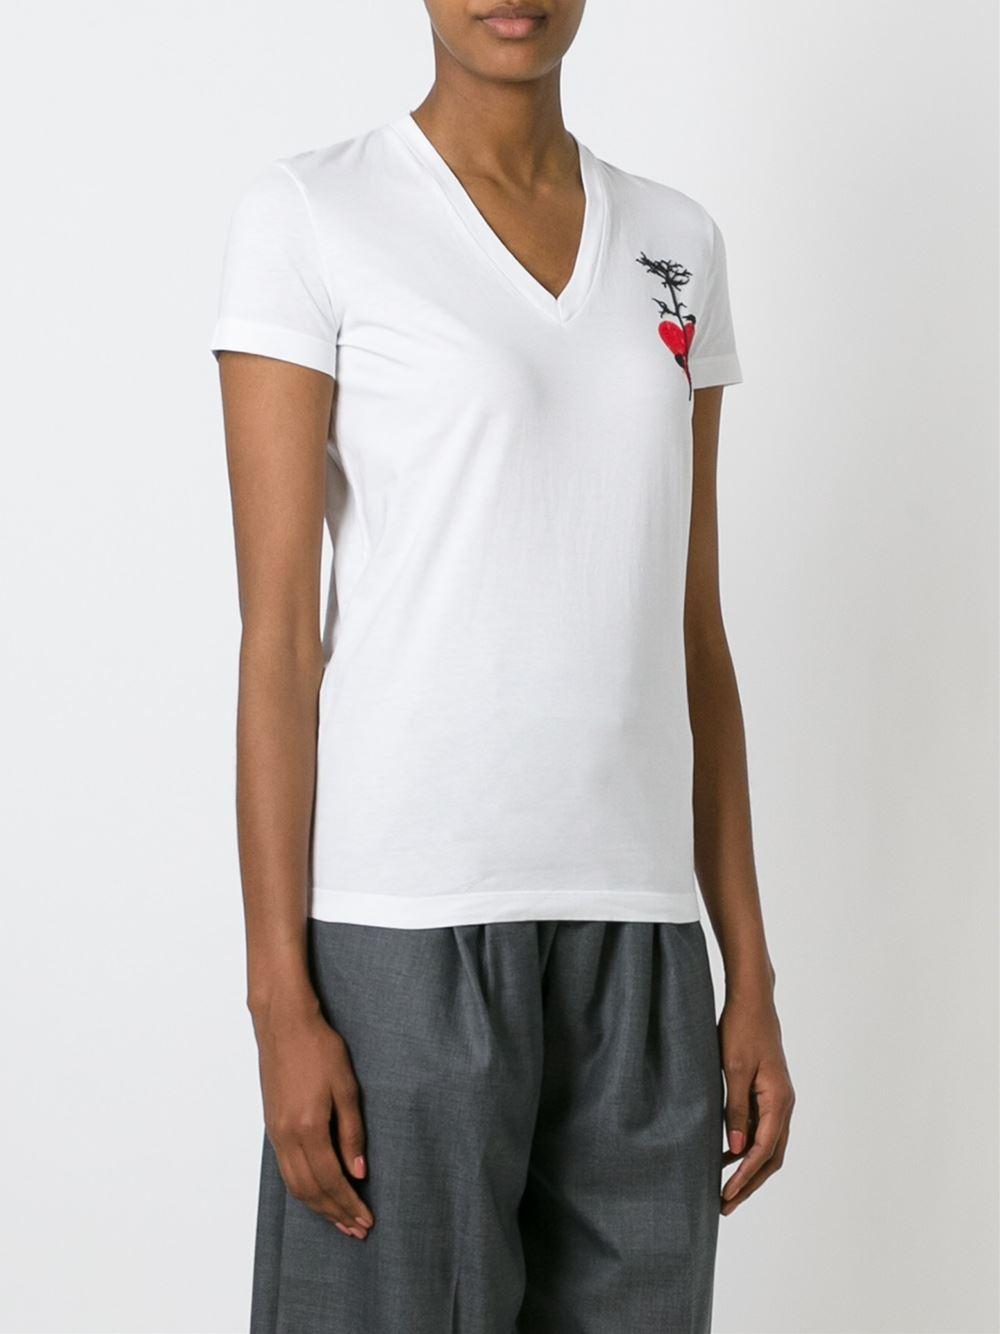 Dsquared v neck t shirt in white lyst for White t shirt v neck